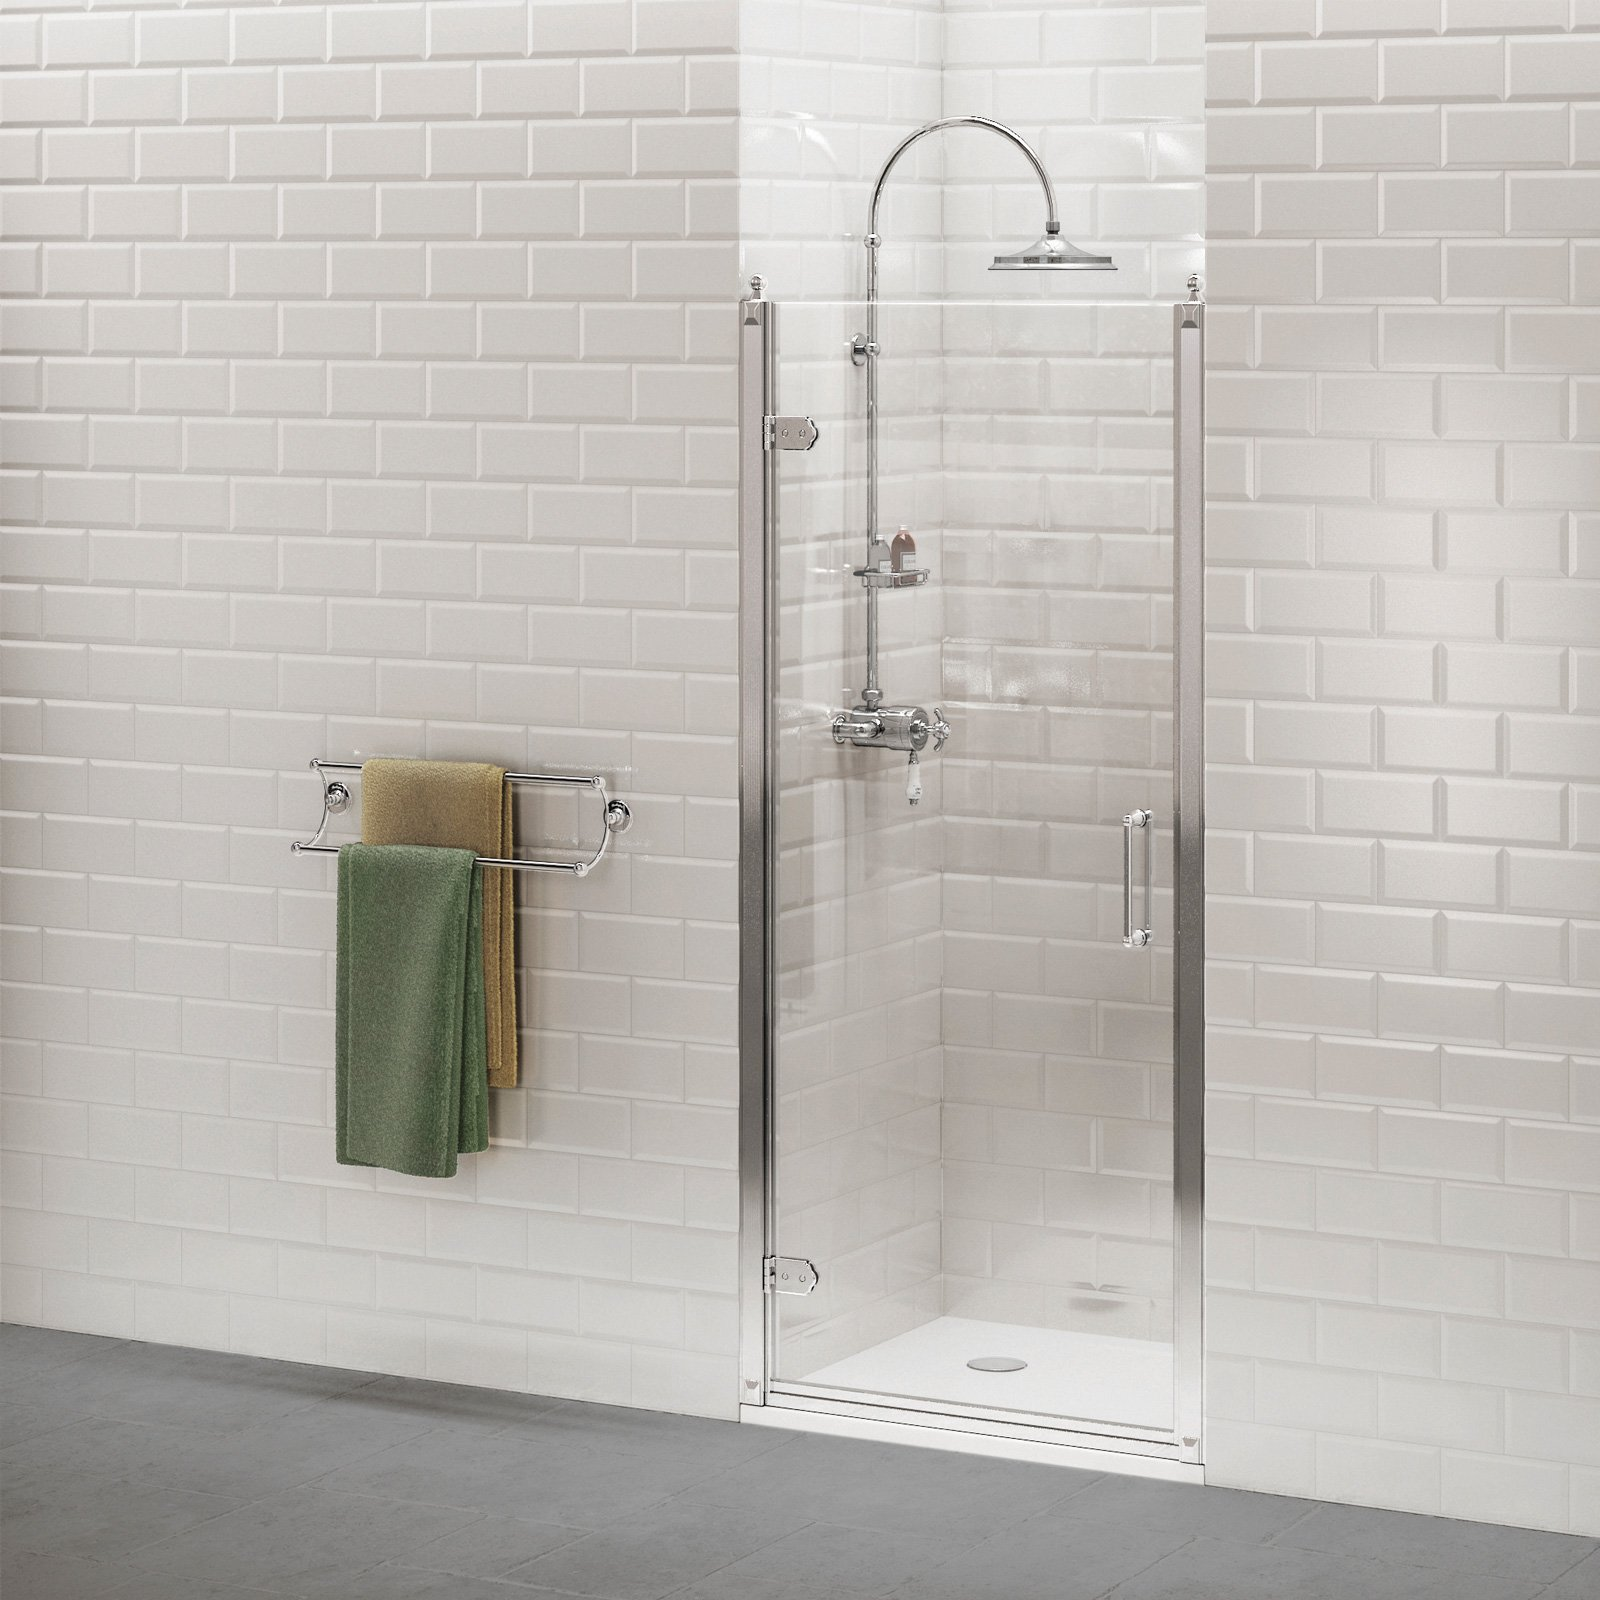 Docce rettangolari piccole cose di casa - Piatto doccia piccole dimensioni ...